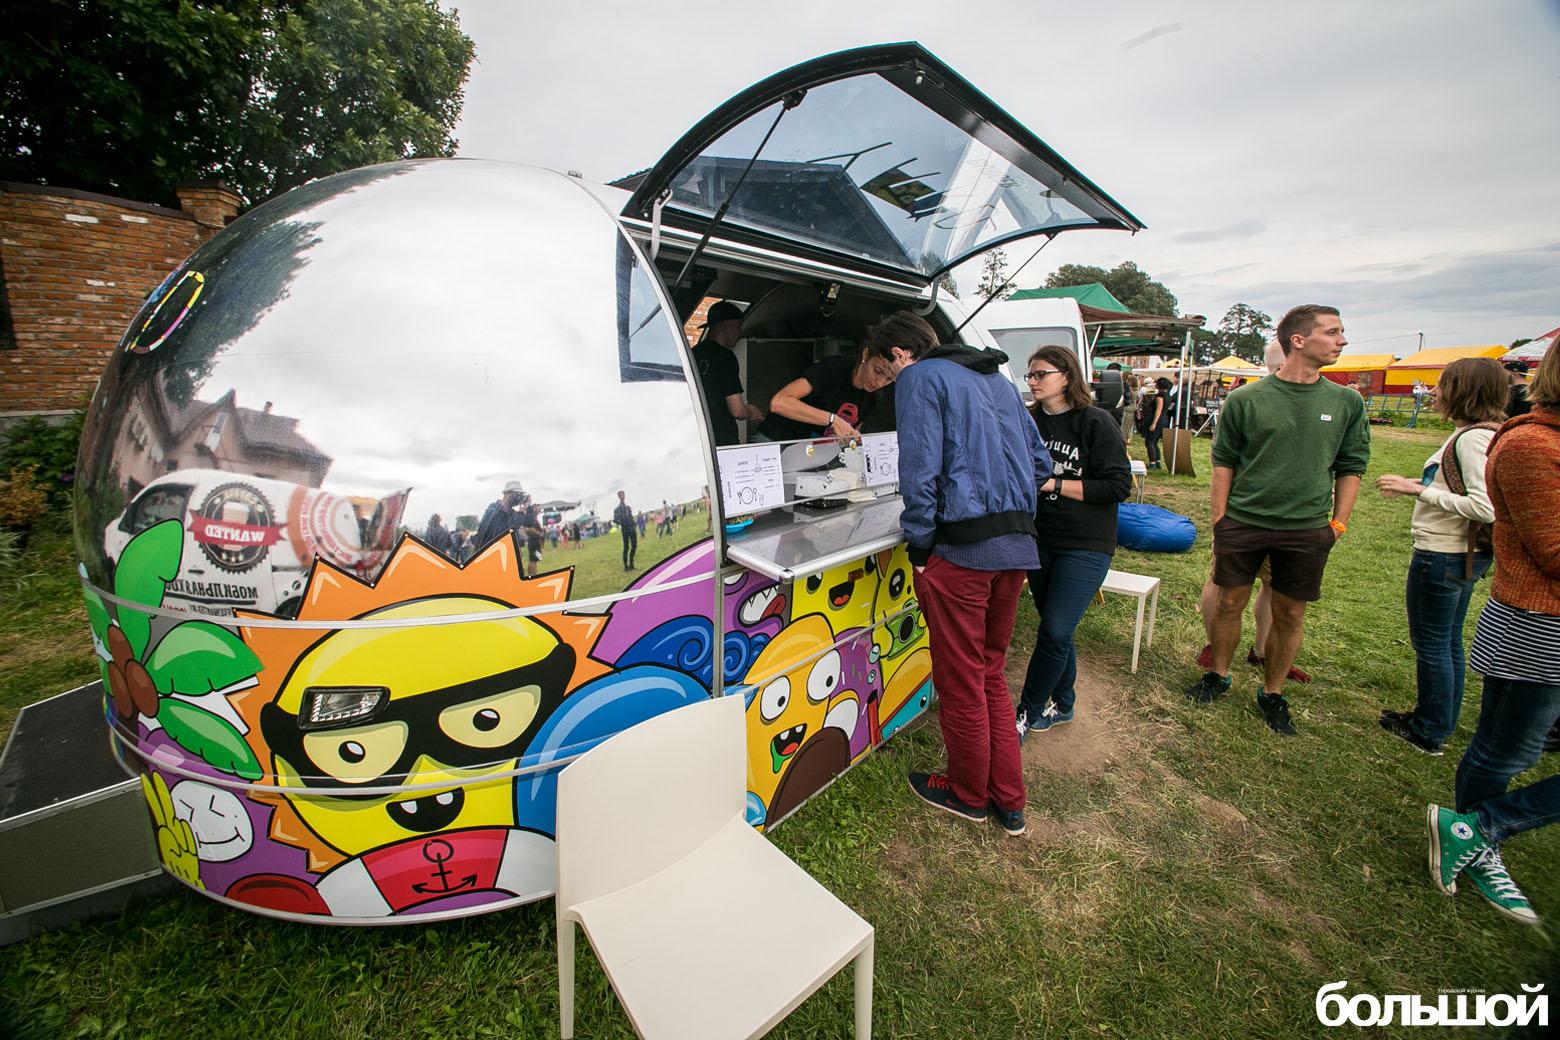 Mirum Fest 2016